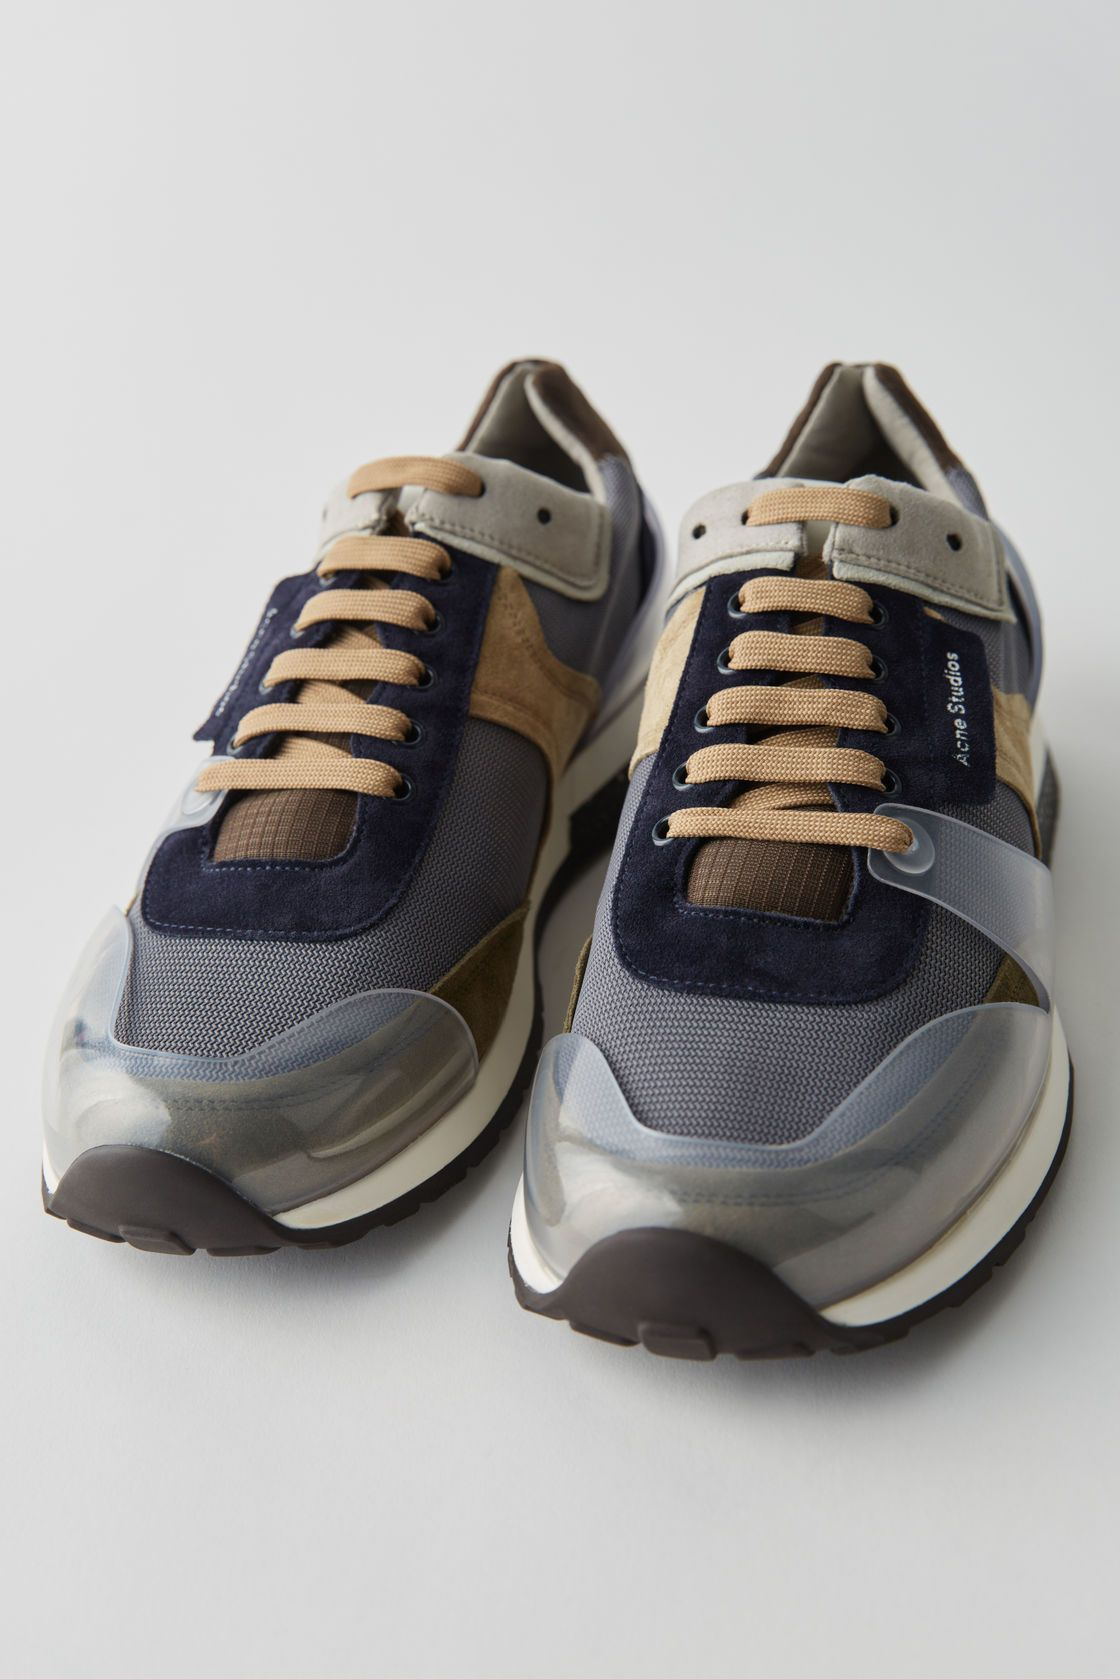 Acne Studios Jimmy Label Gris foncé. Acne Studios Jimmy Label Gris foncé Chaussures  De ... b273f708e60